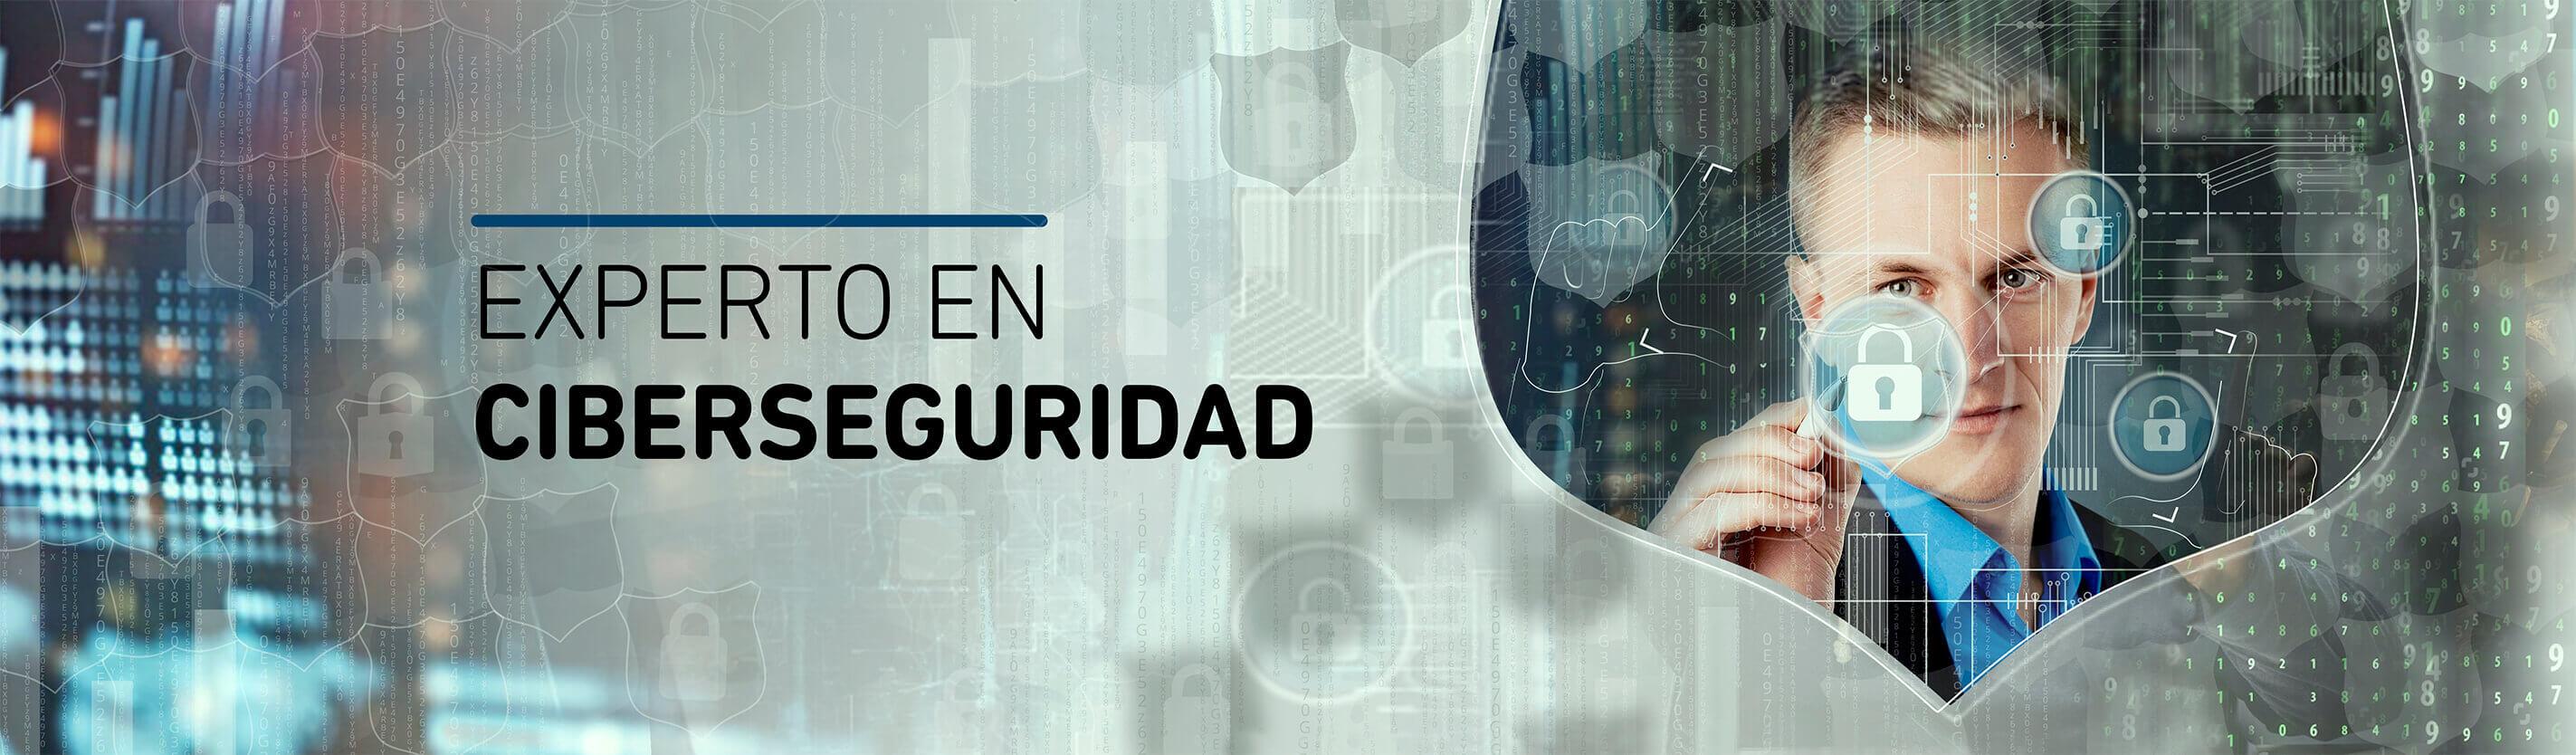 Experto en Ciberseguridad-CISDE